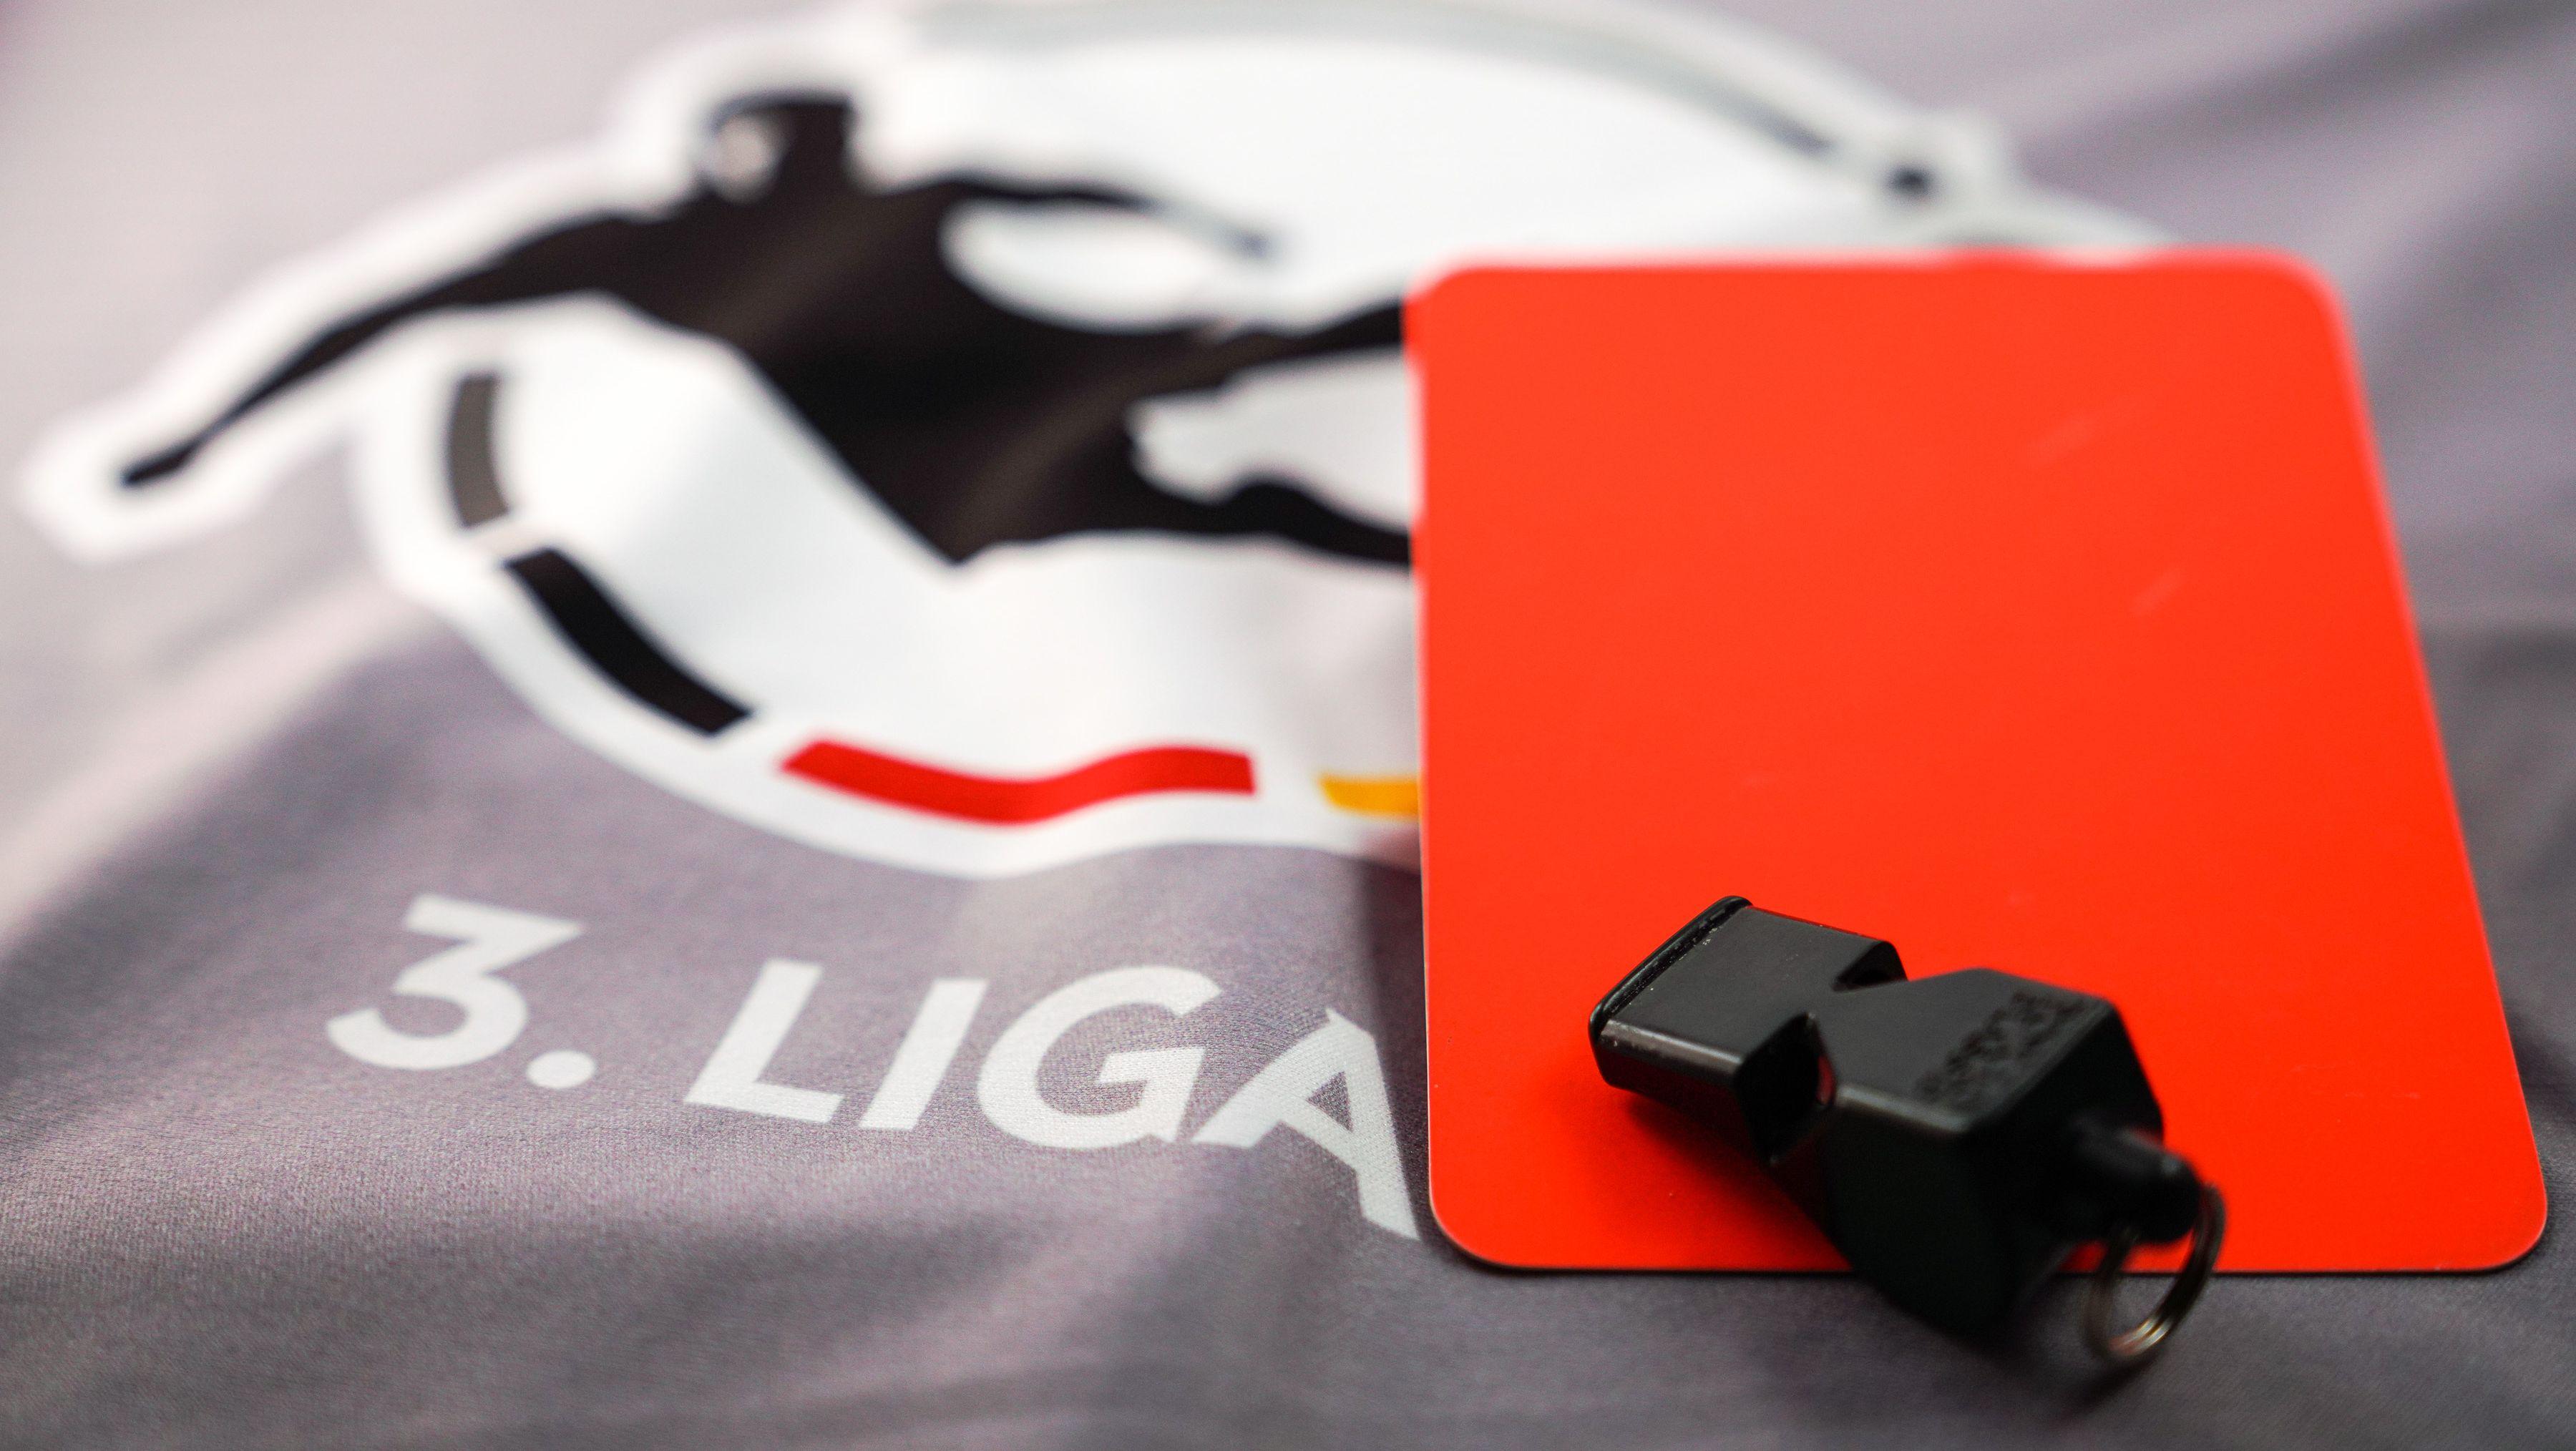 Drittligalogo, Rote Karte und Schiedsrichterpfeife